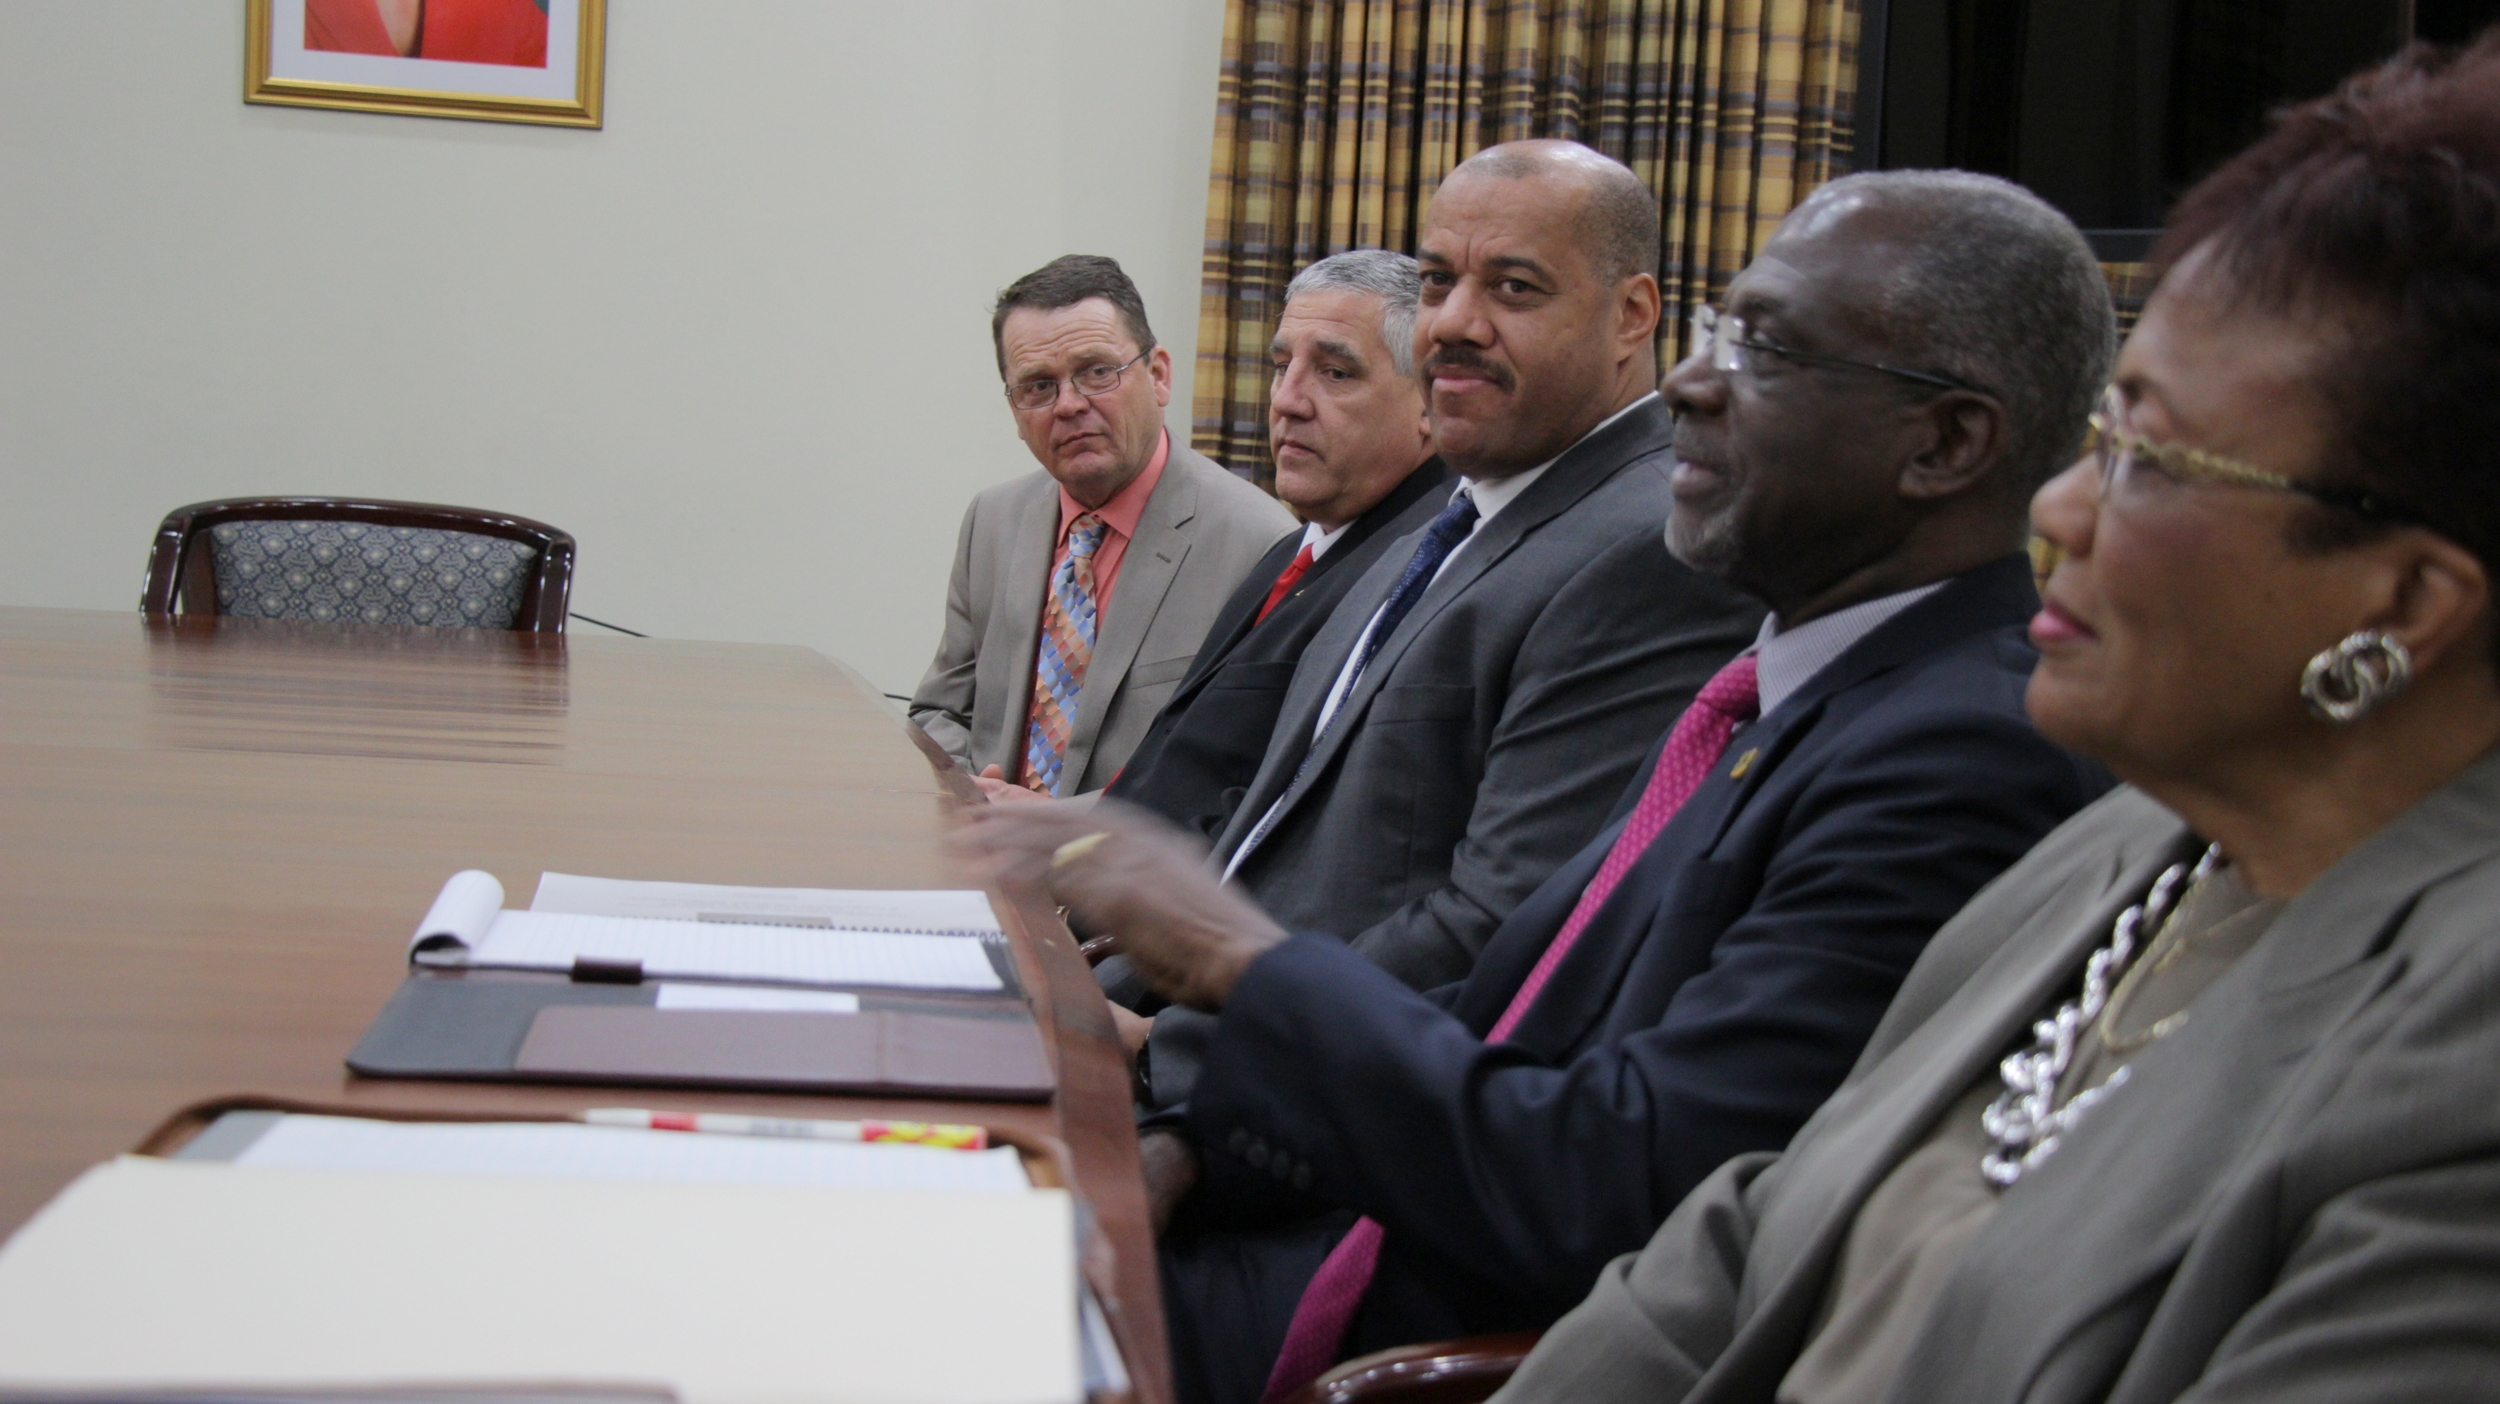 Delegation speaks PM_6197.JPG